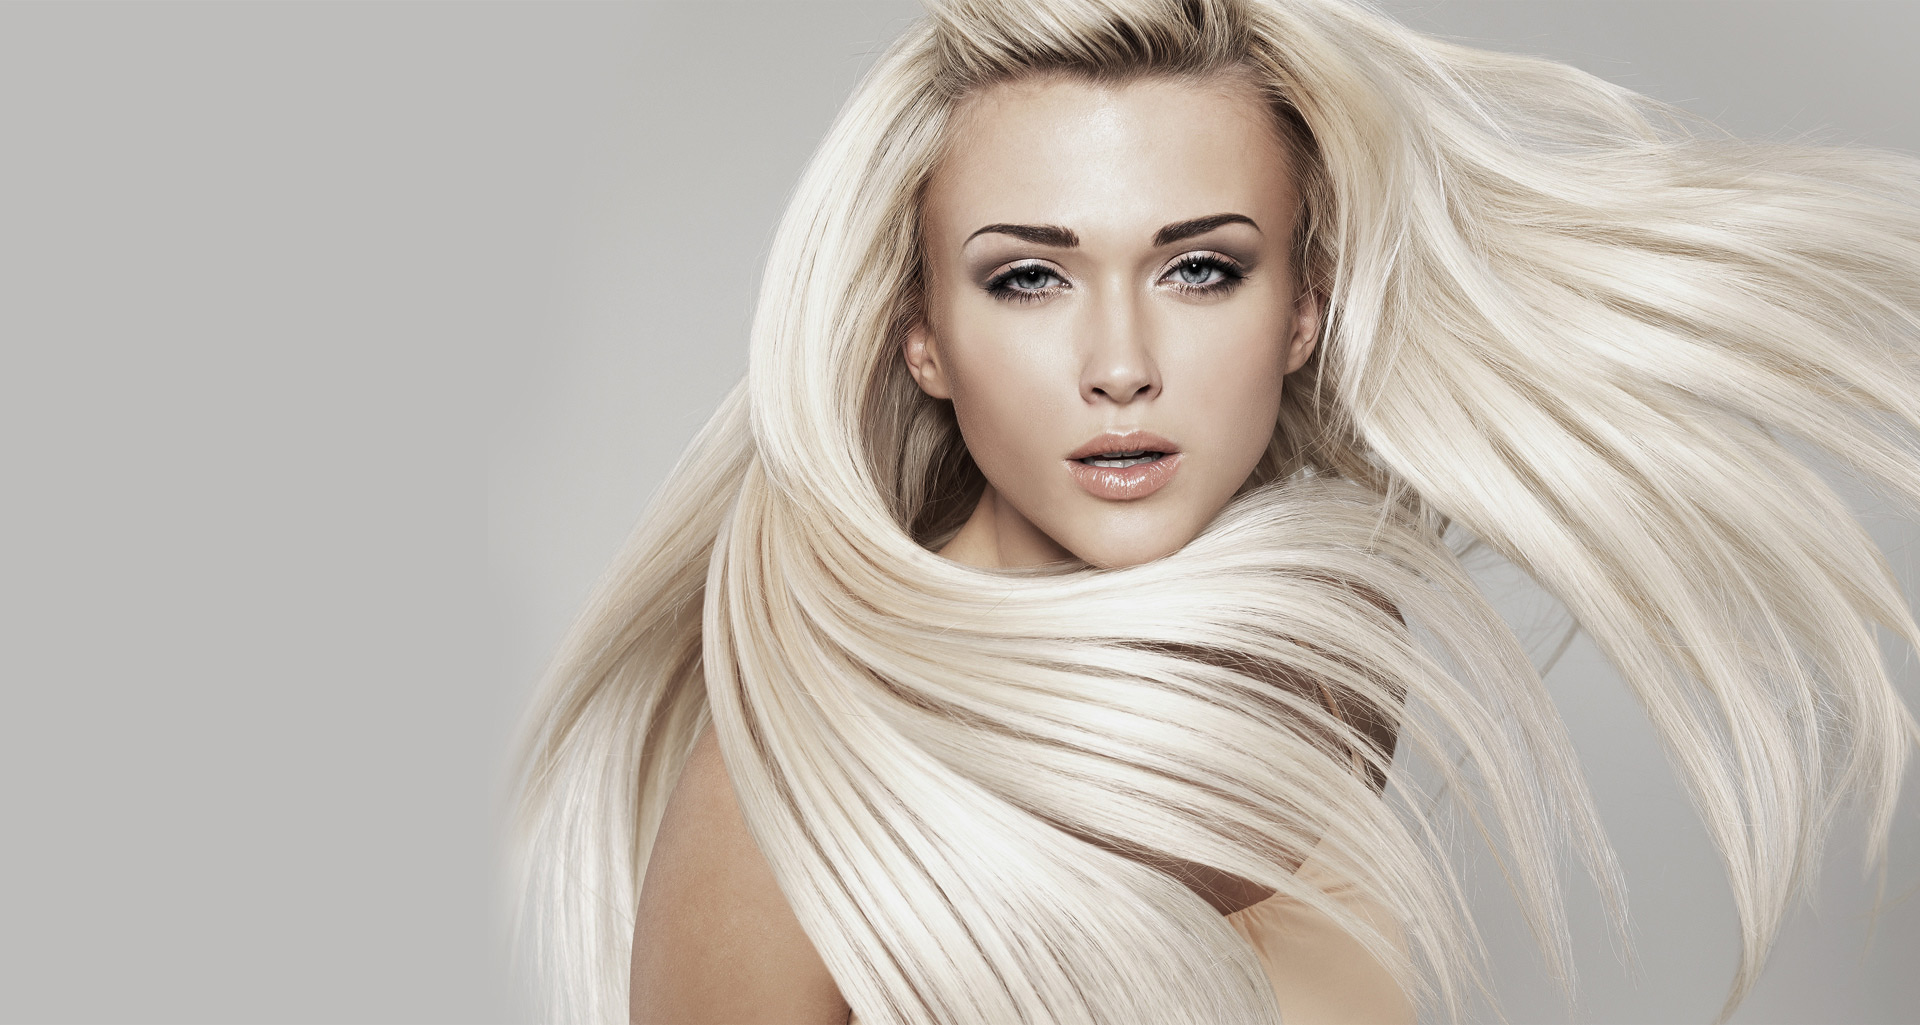 Blonde Blond